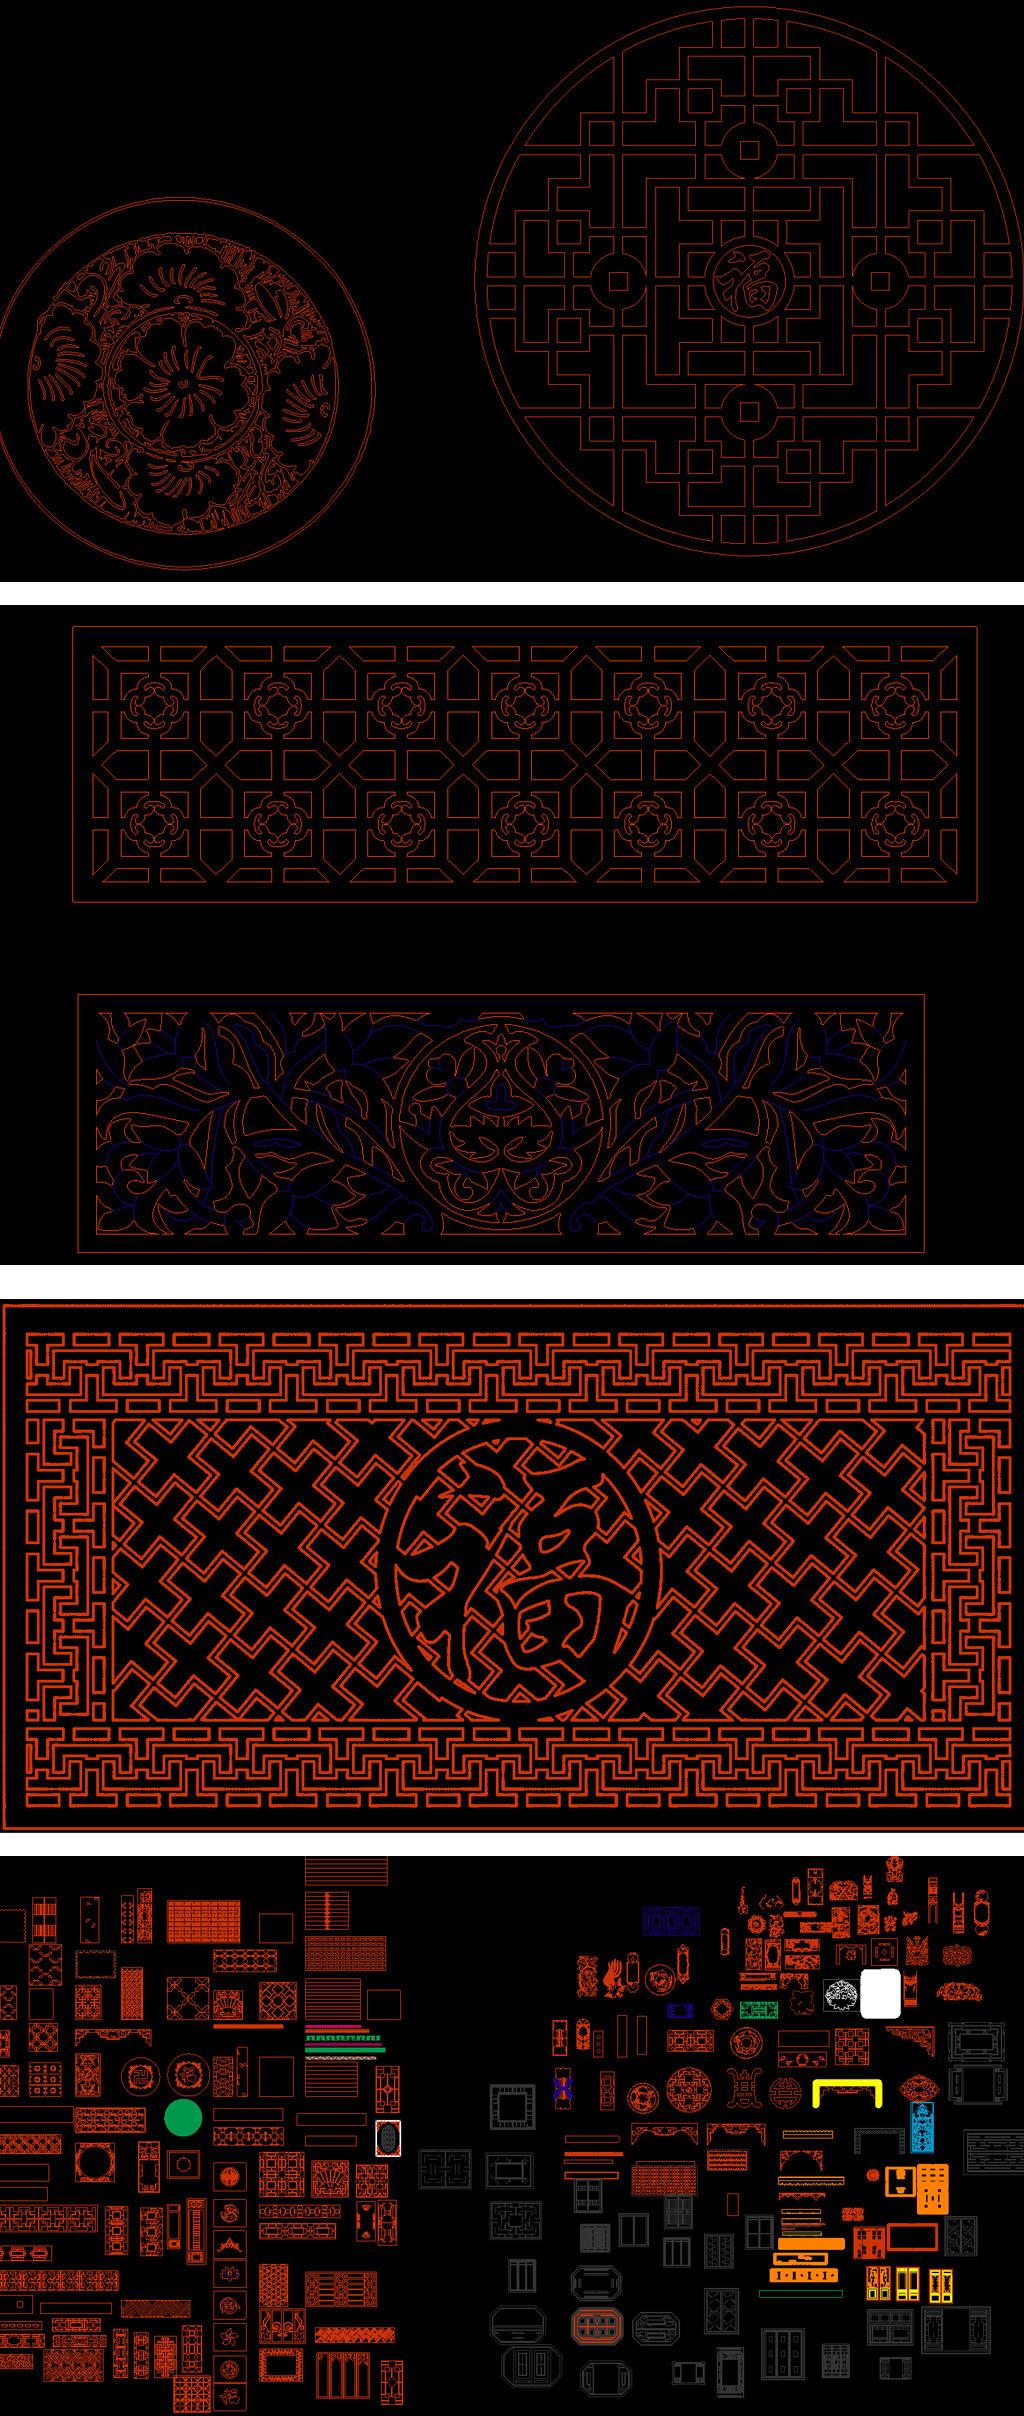 中式镂空雕花cad图库模板下载(图片编号:12373632)